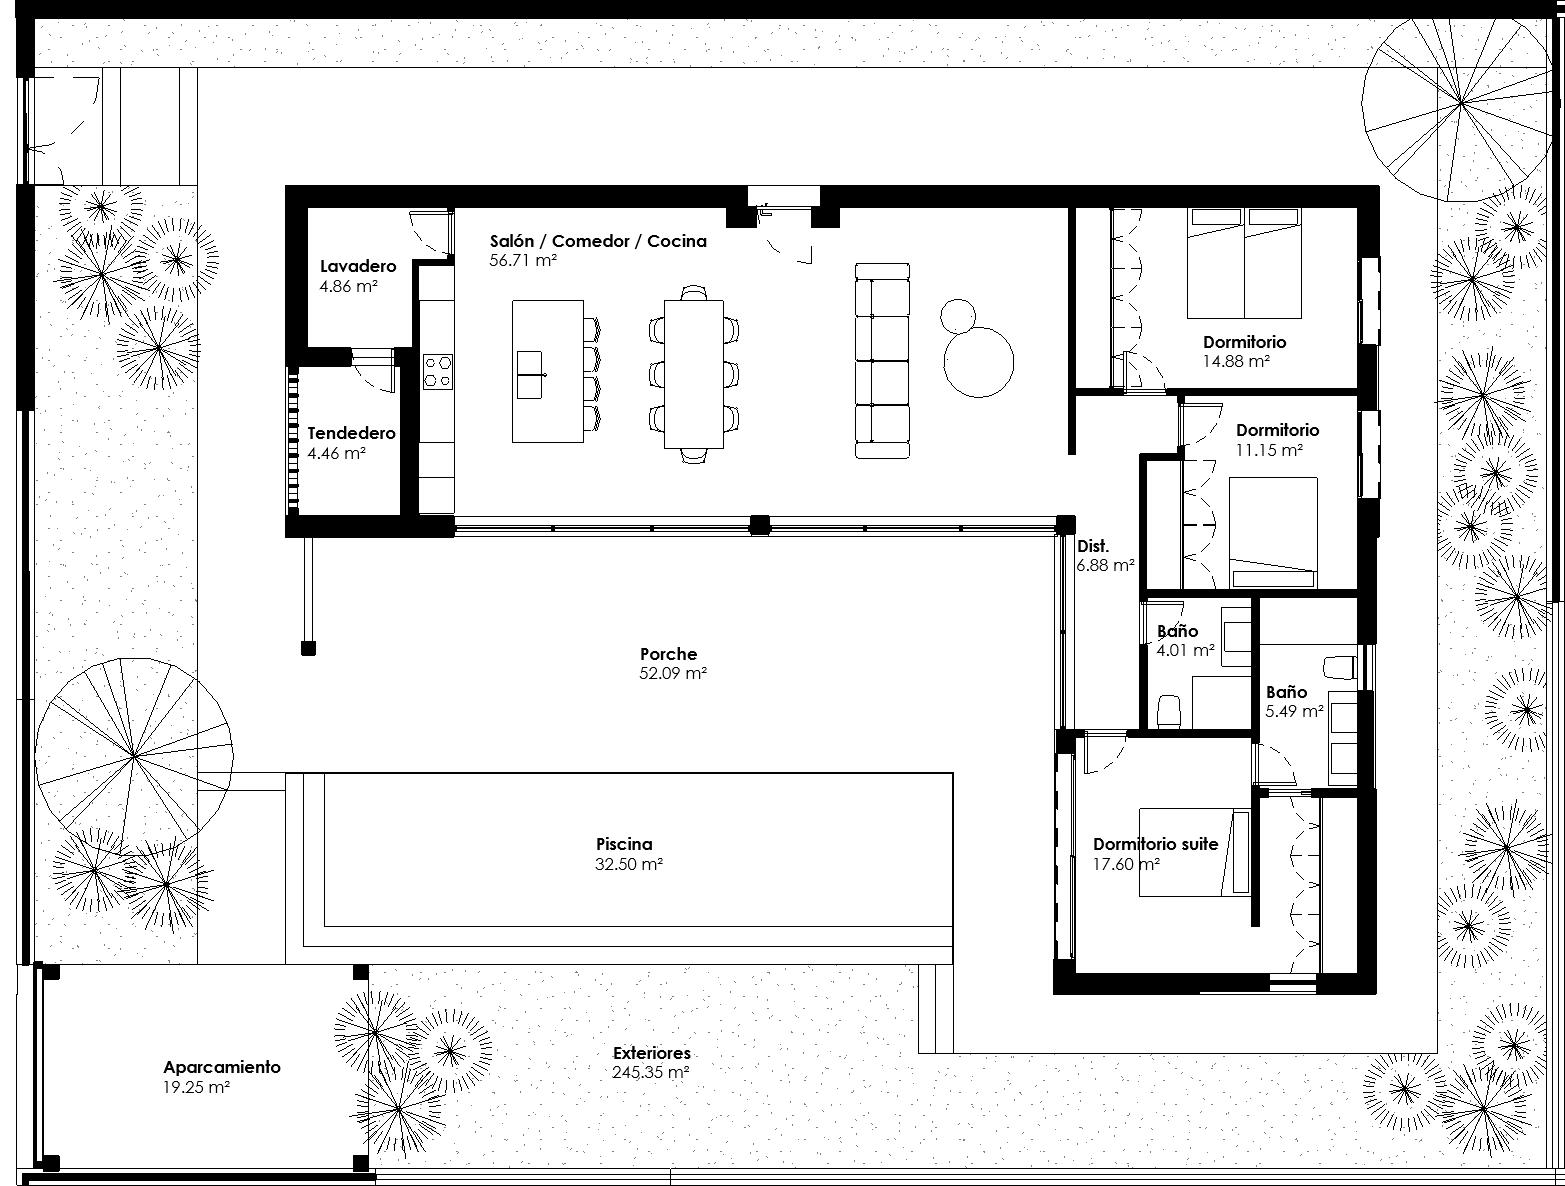 2021-02-09_Torrealquería P8 – Viviendas aisladas y pareadas planta